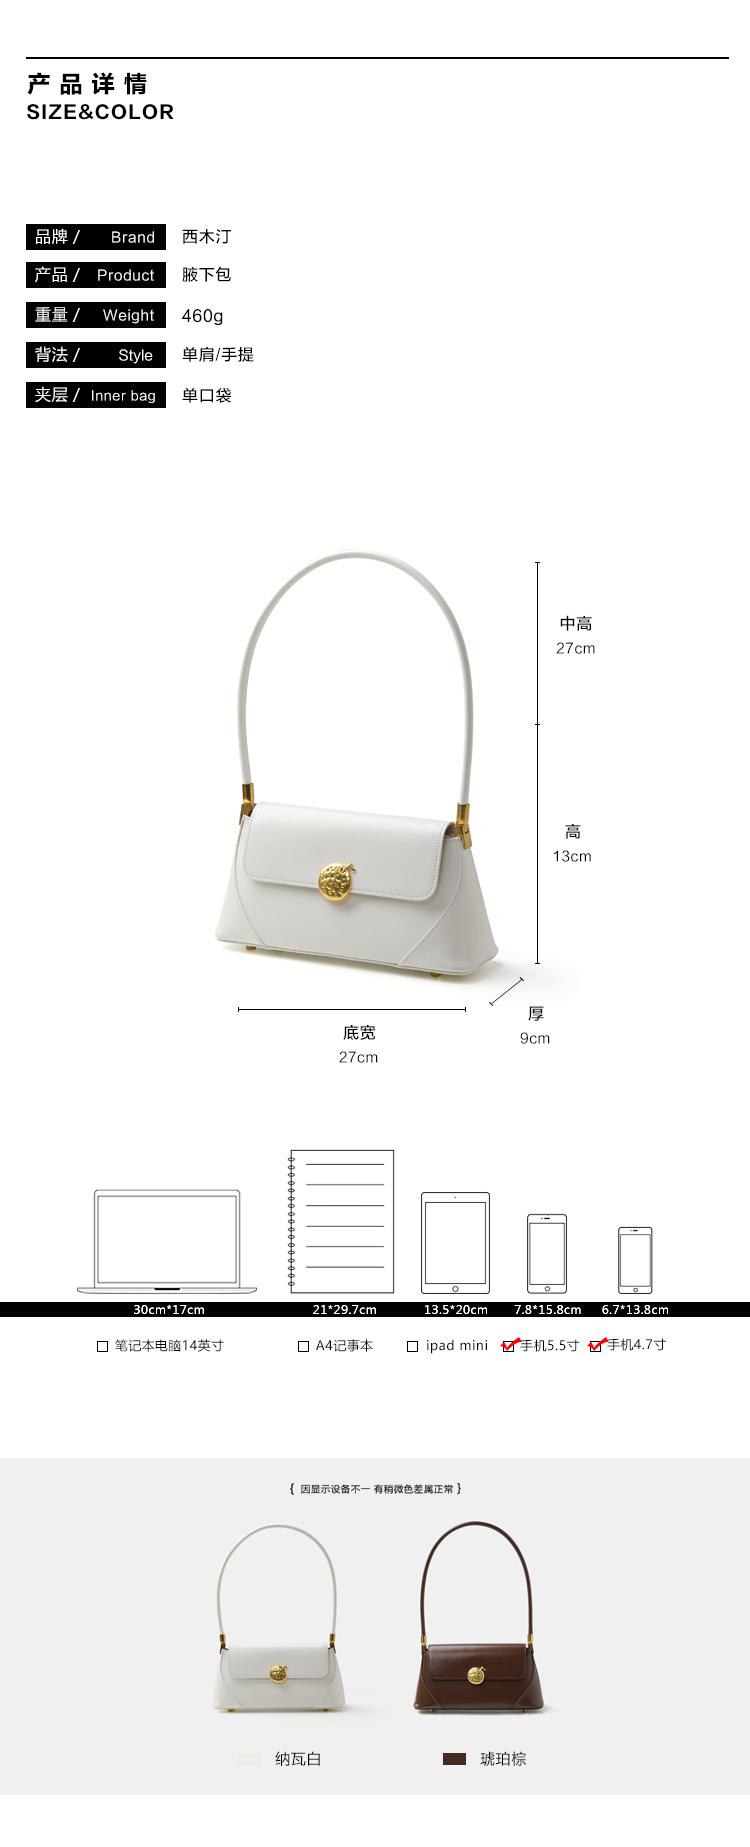 TAOBAO包包店铺_okjer.com